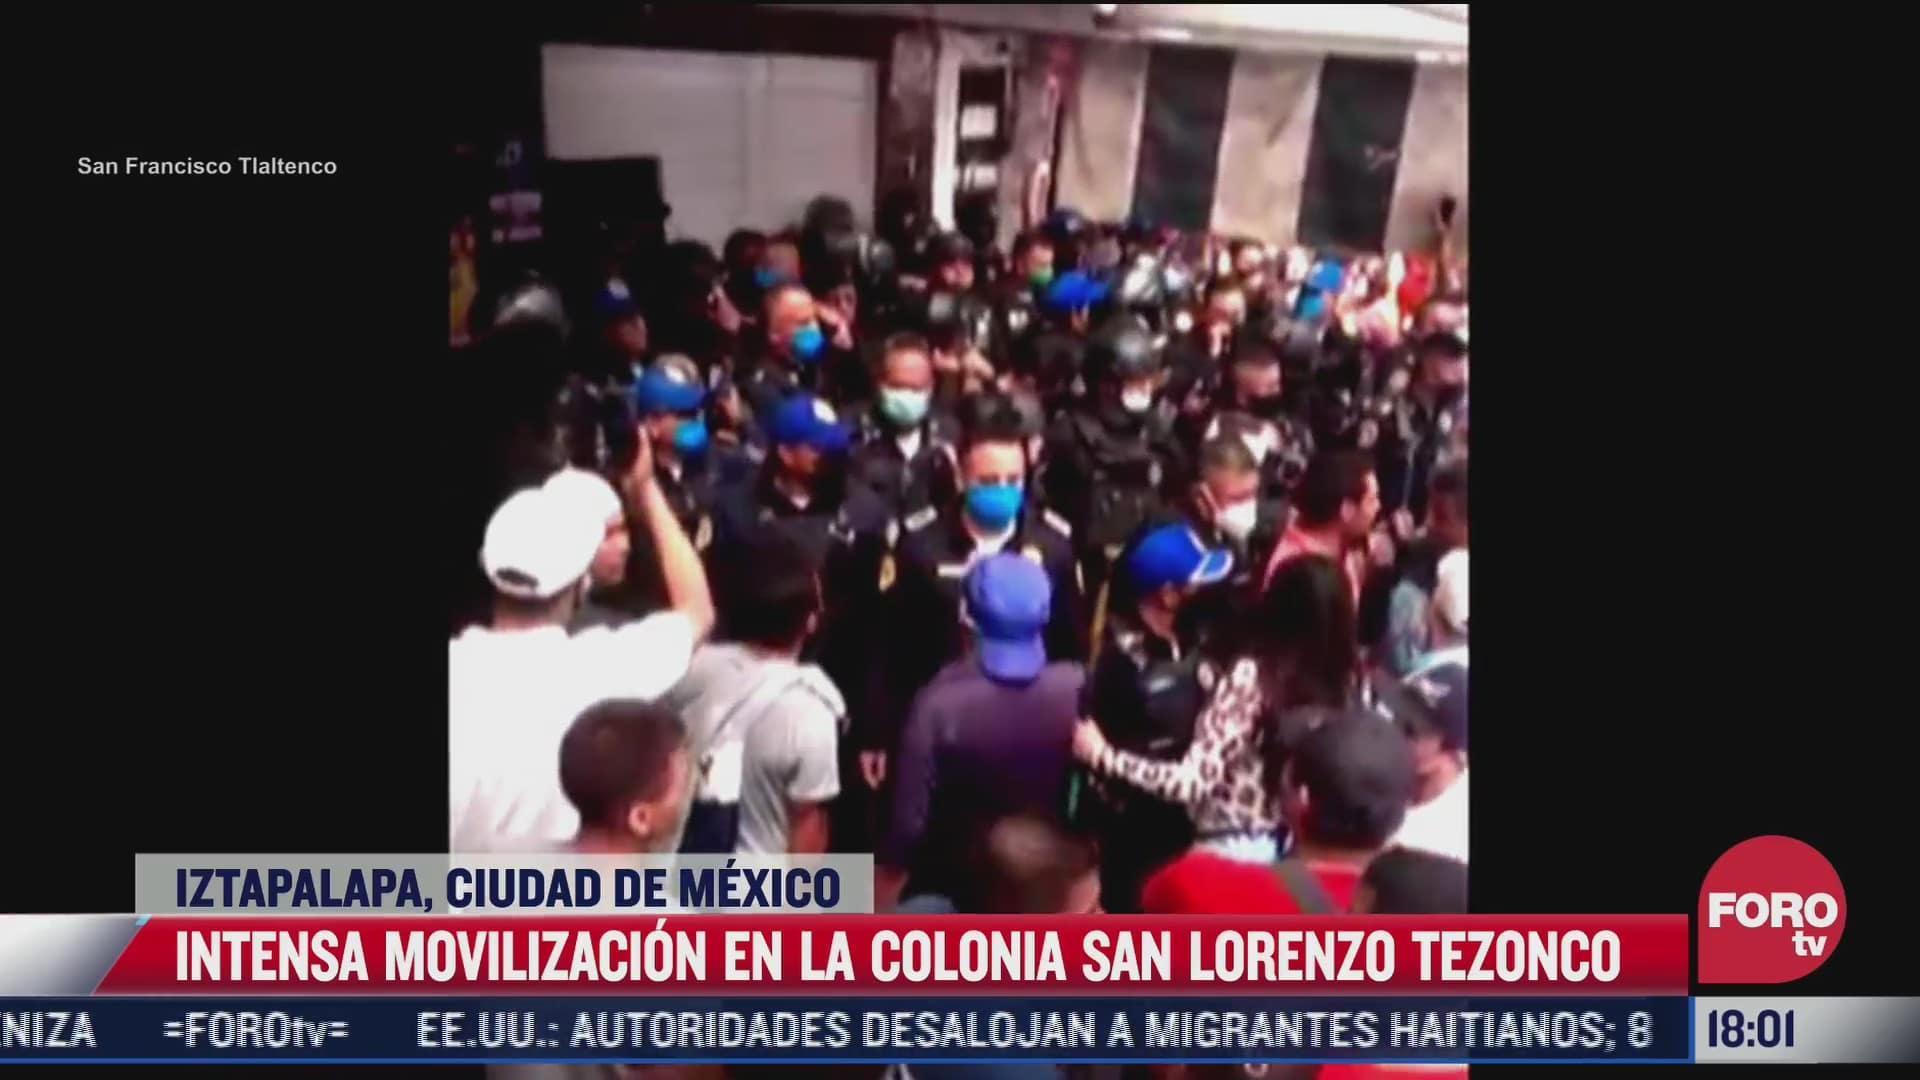 intensa movilizacion policiaca tras intento de asalto en iztapalapa